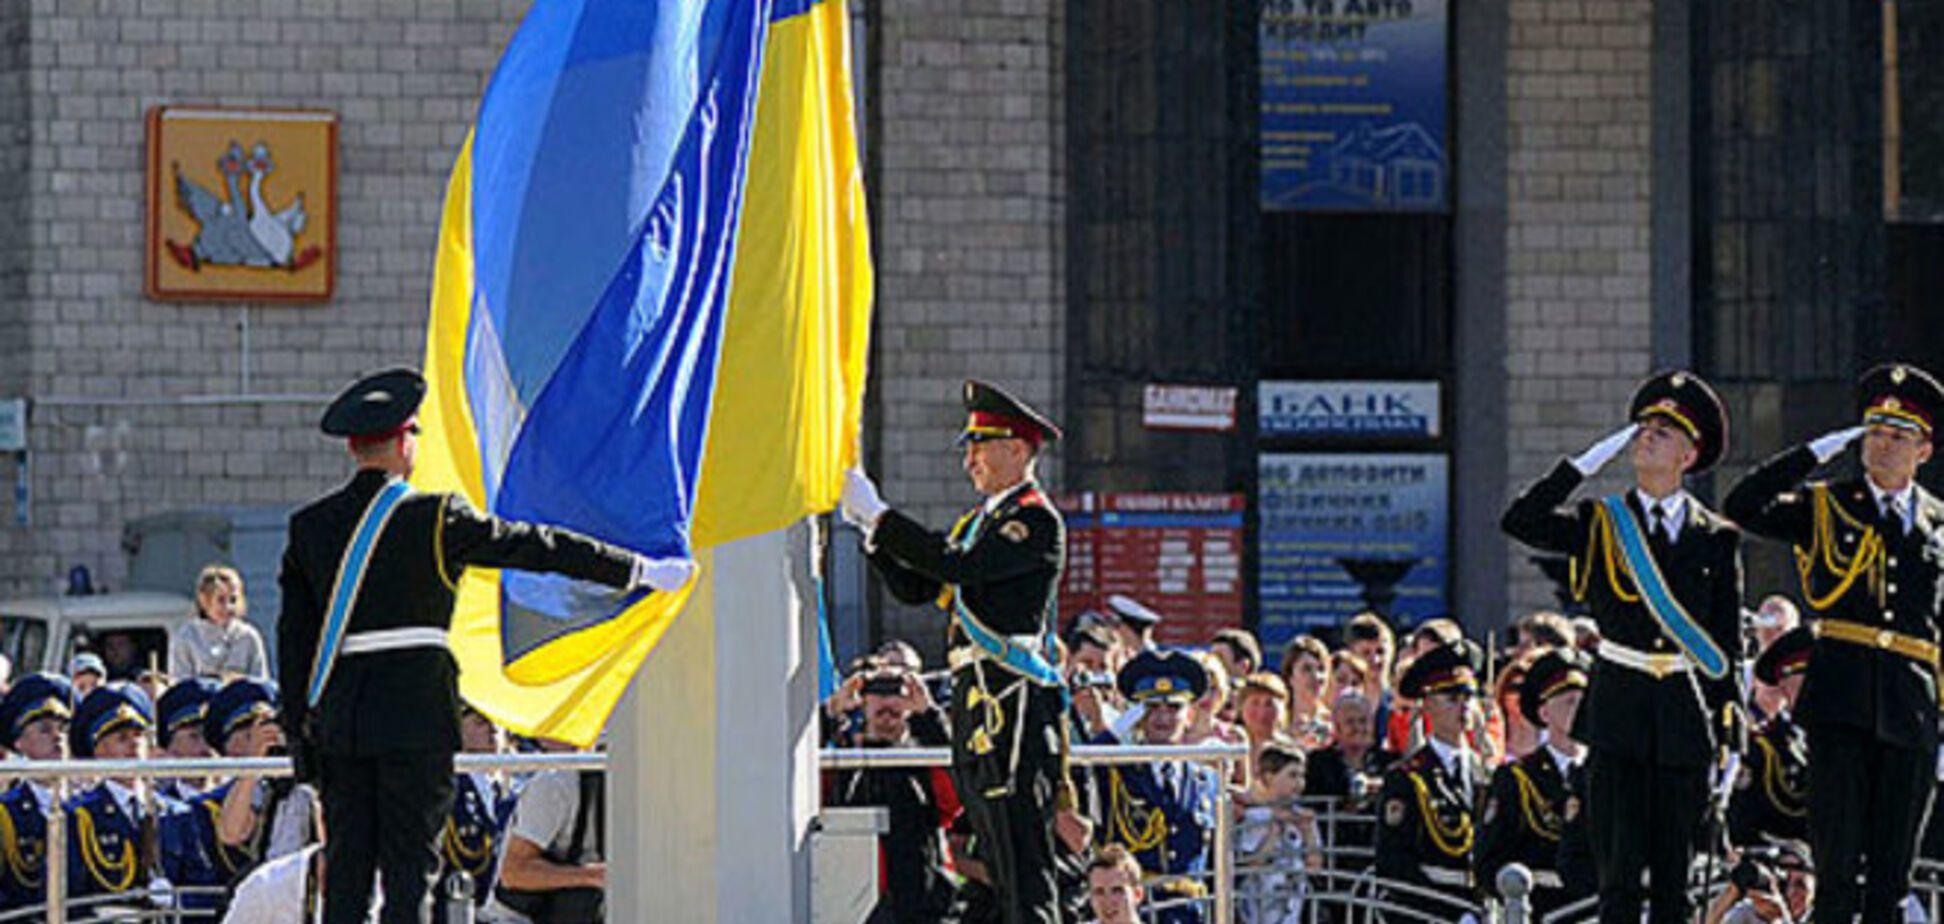 Празднование Дня Победы в Киеве обойдется в 1 млн грн